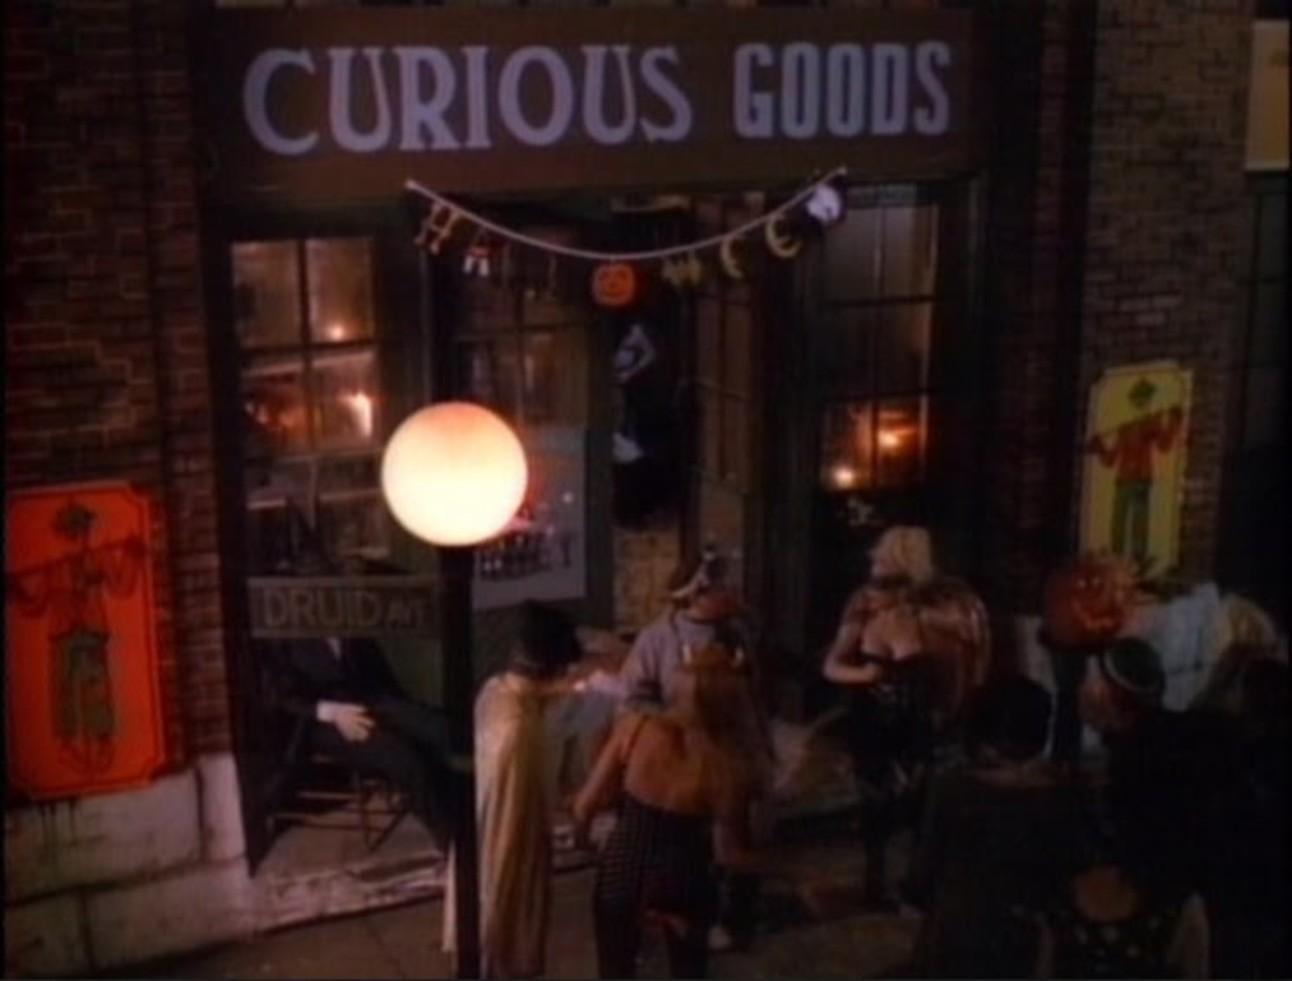 curiousgoods.jpg